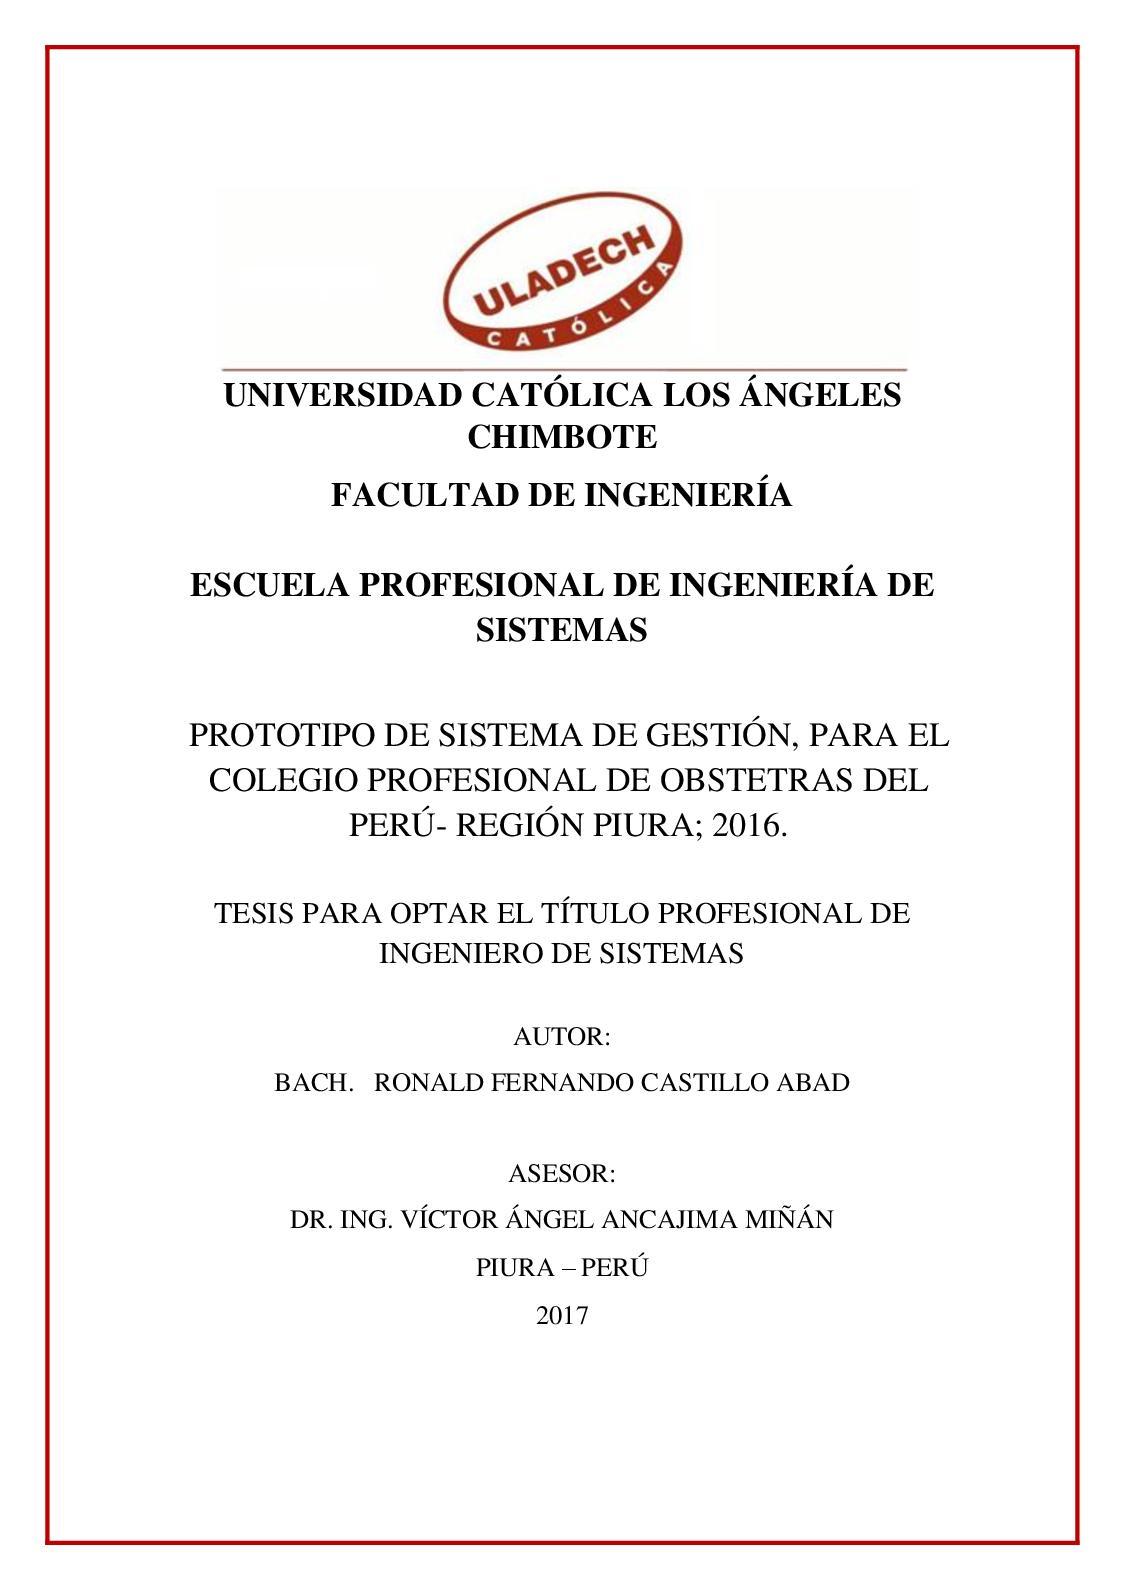 Calidad Del Servicio Colegio De Obstetras Del Peru Regional Piura Castillo Abad Ronald Fernando